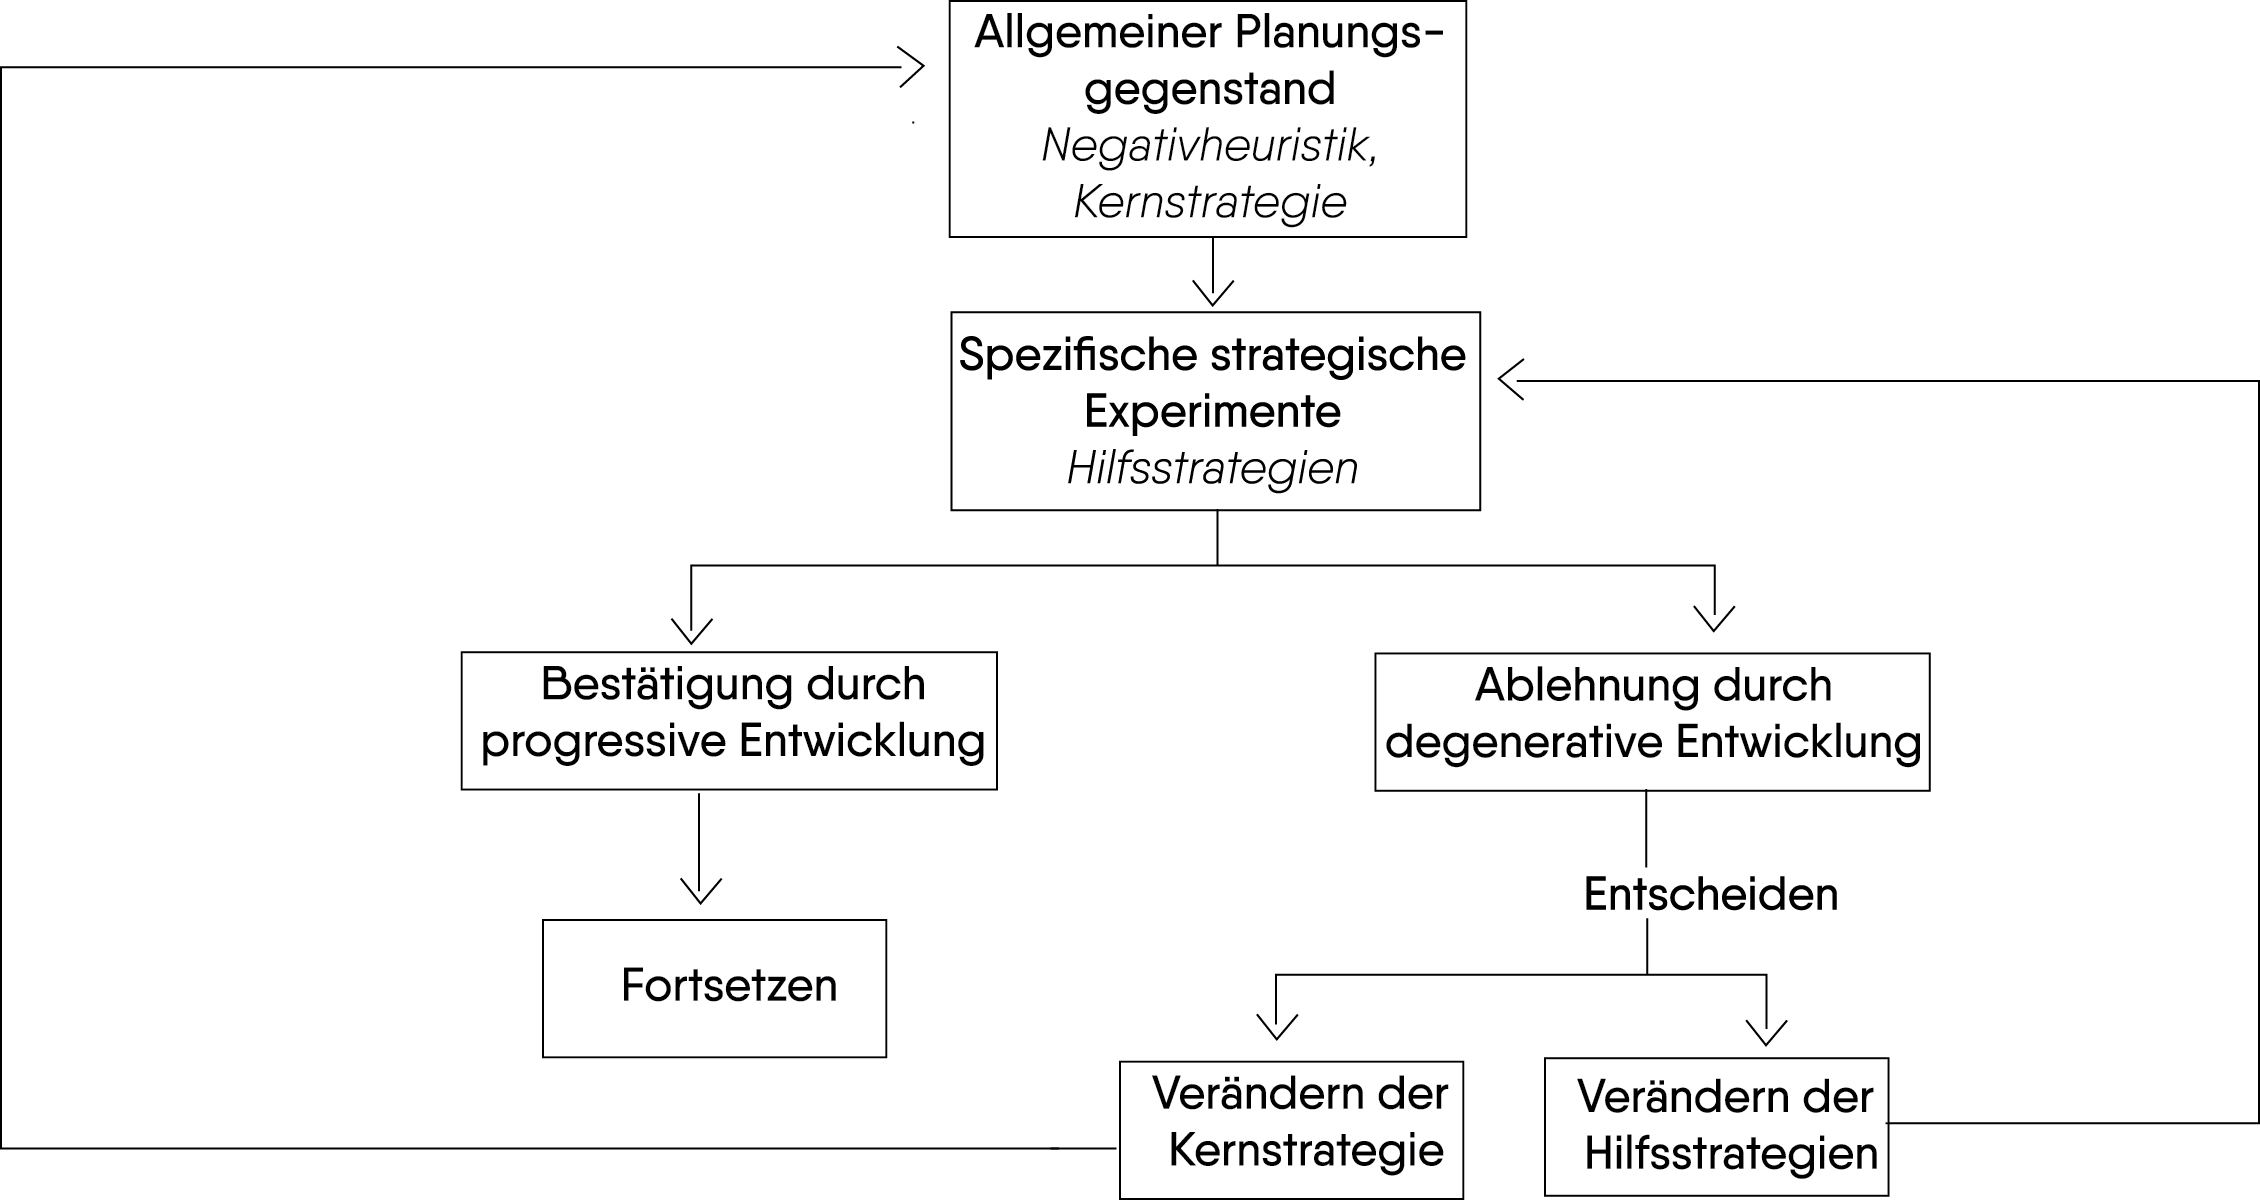 Strategiebewertung in Anlehnung an die Methodologie wissenschaftlicher Forschungsprogramme